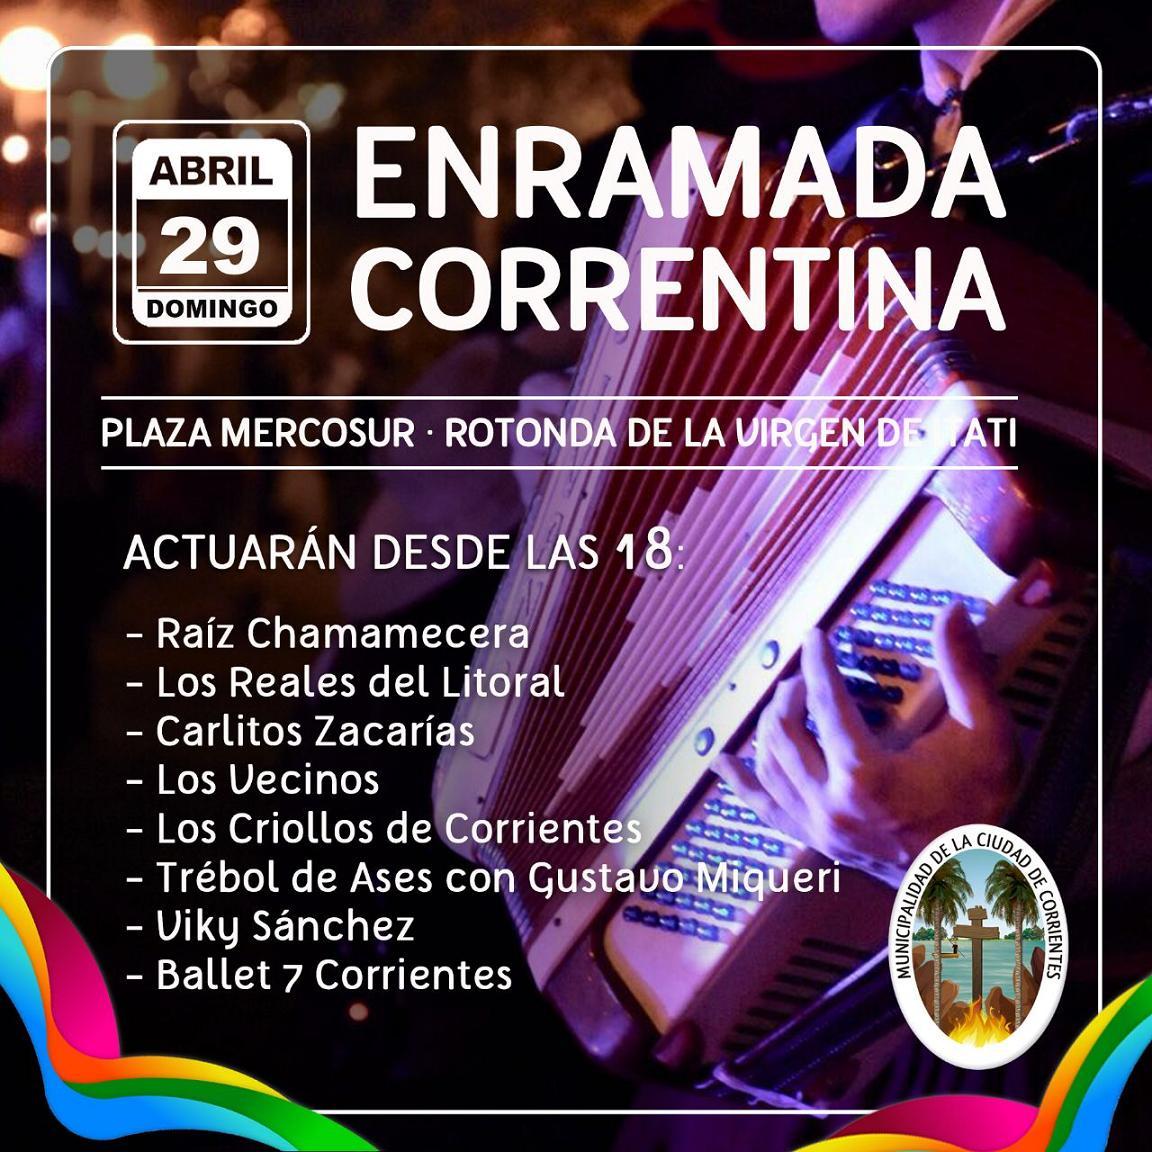 La Enramada Correntina, este domingo en la plaza del Mercosur